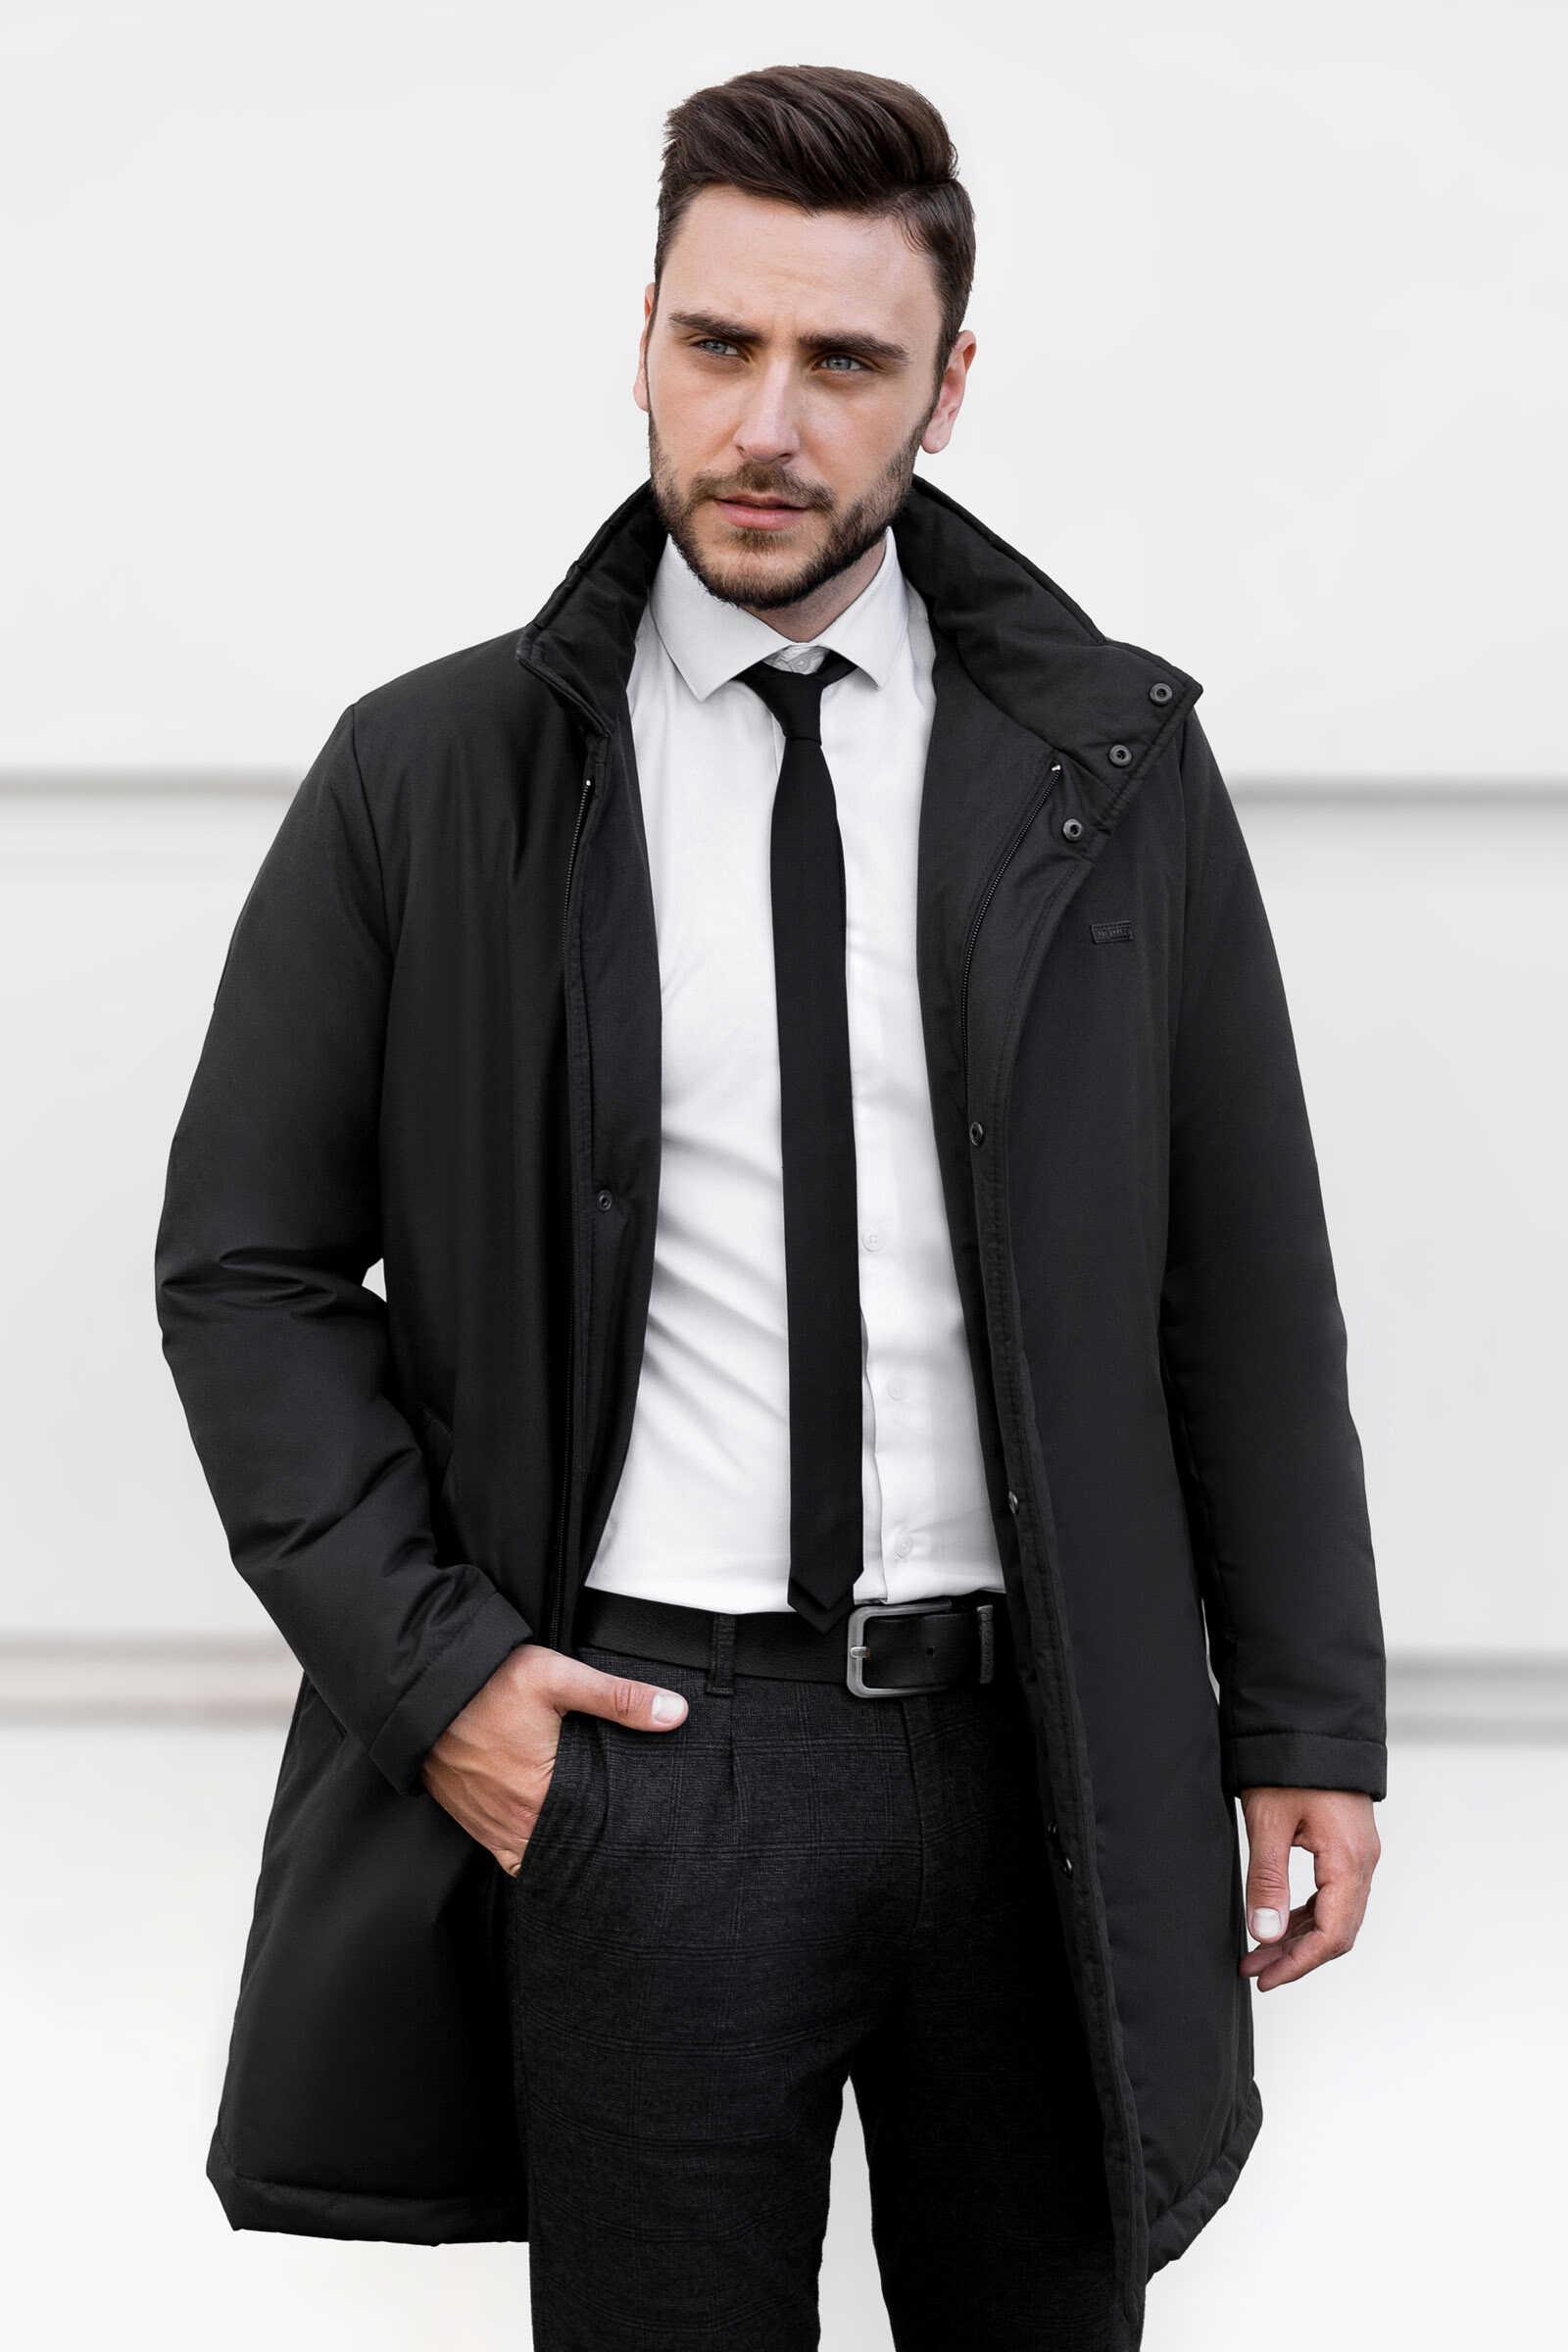 Мужские куртки. Стильные фасоны и тренды сезона осень-зима 2020-2021 - фото